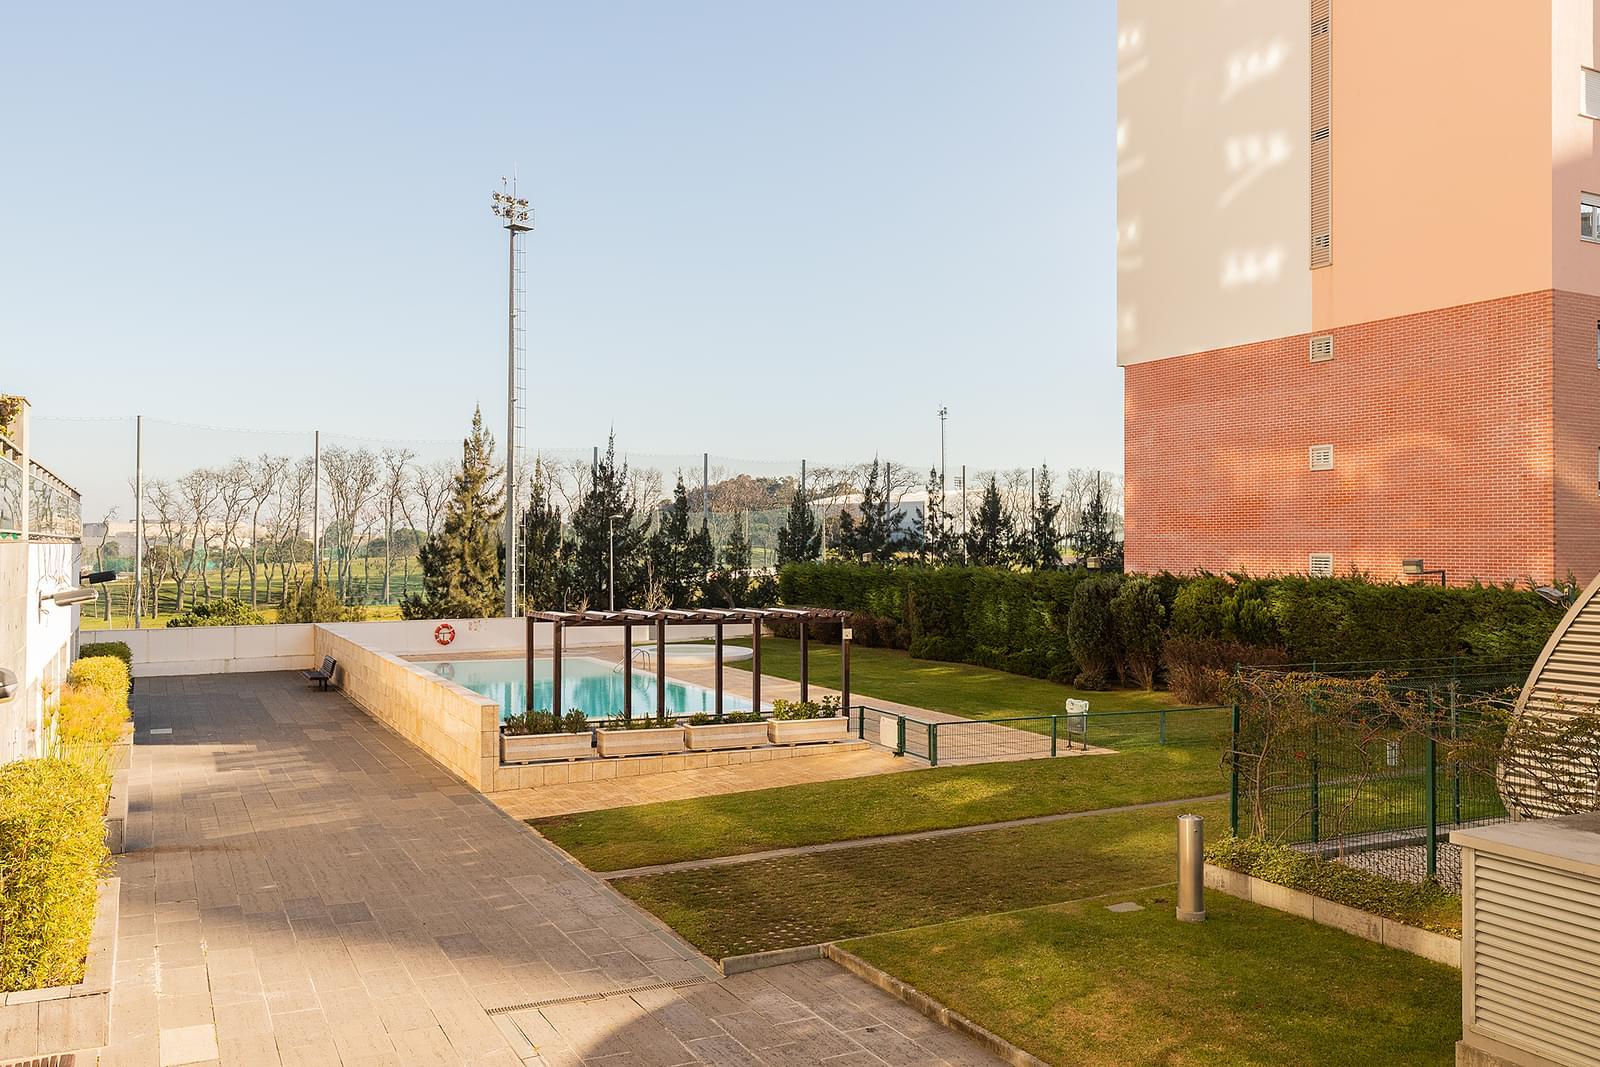 pf18953-apartamento-t3-lisboa-94f498ea-7852-413a-9b45-292672d8d053